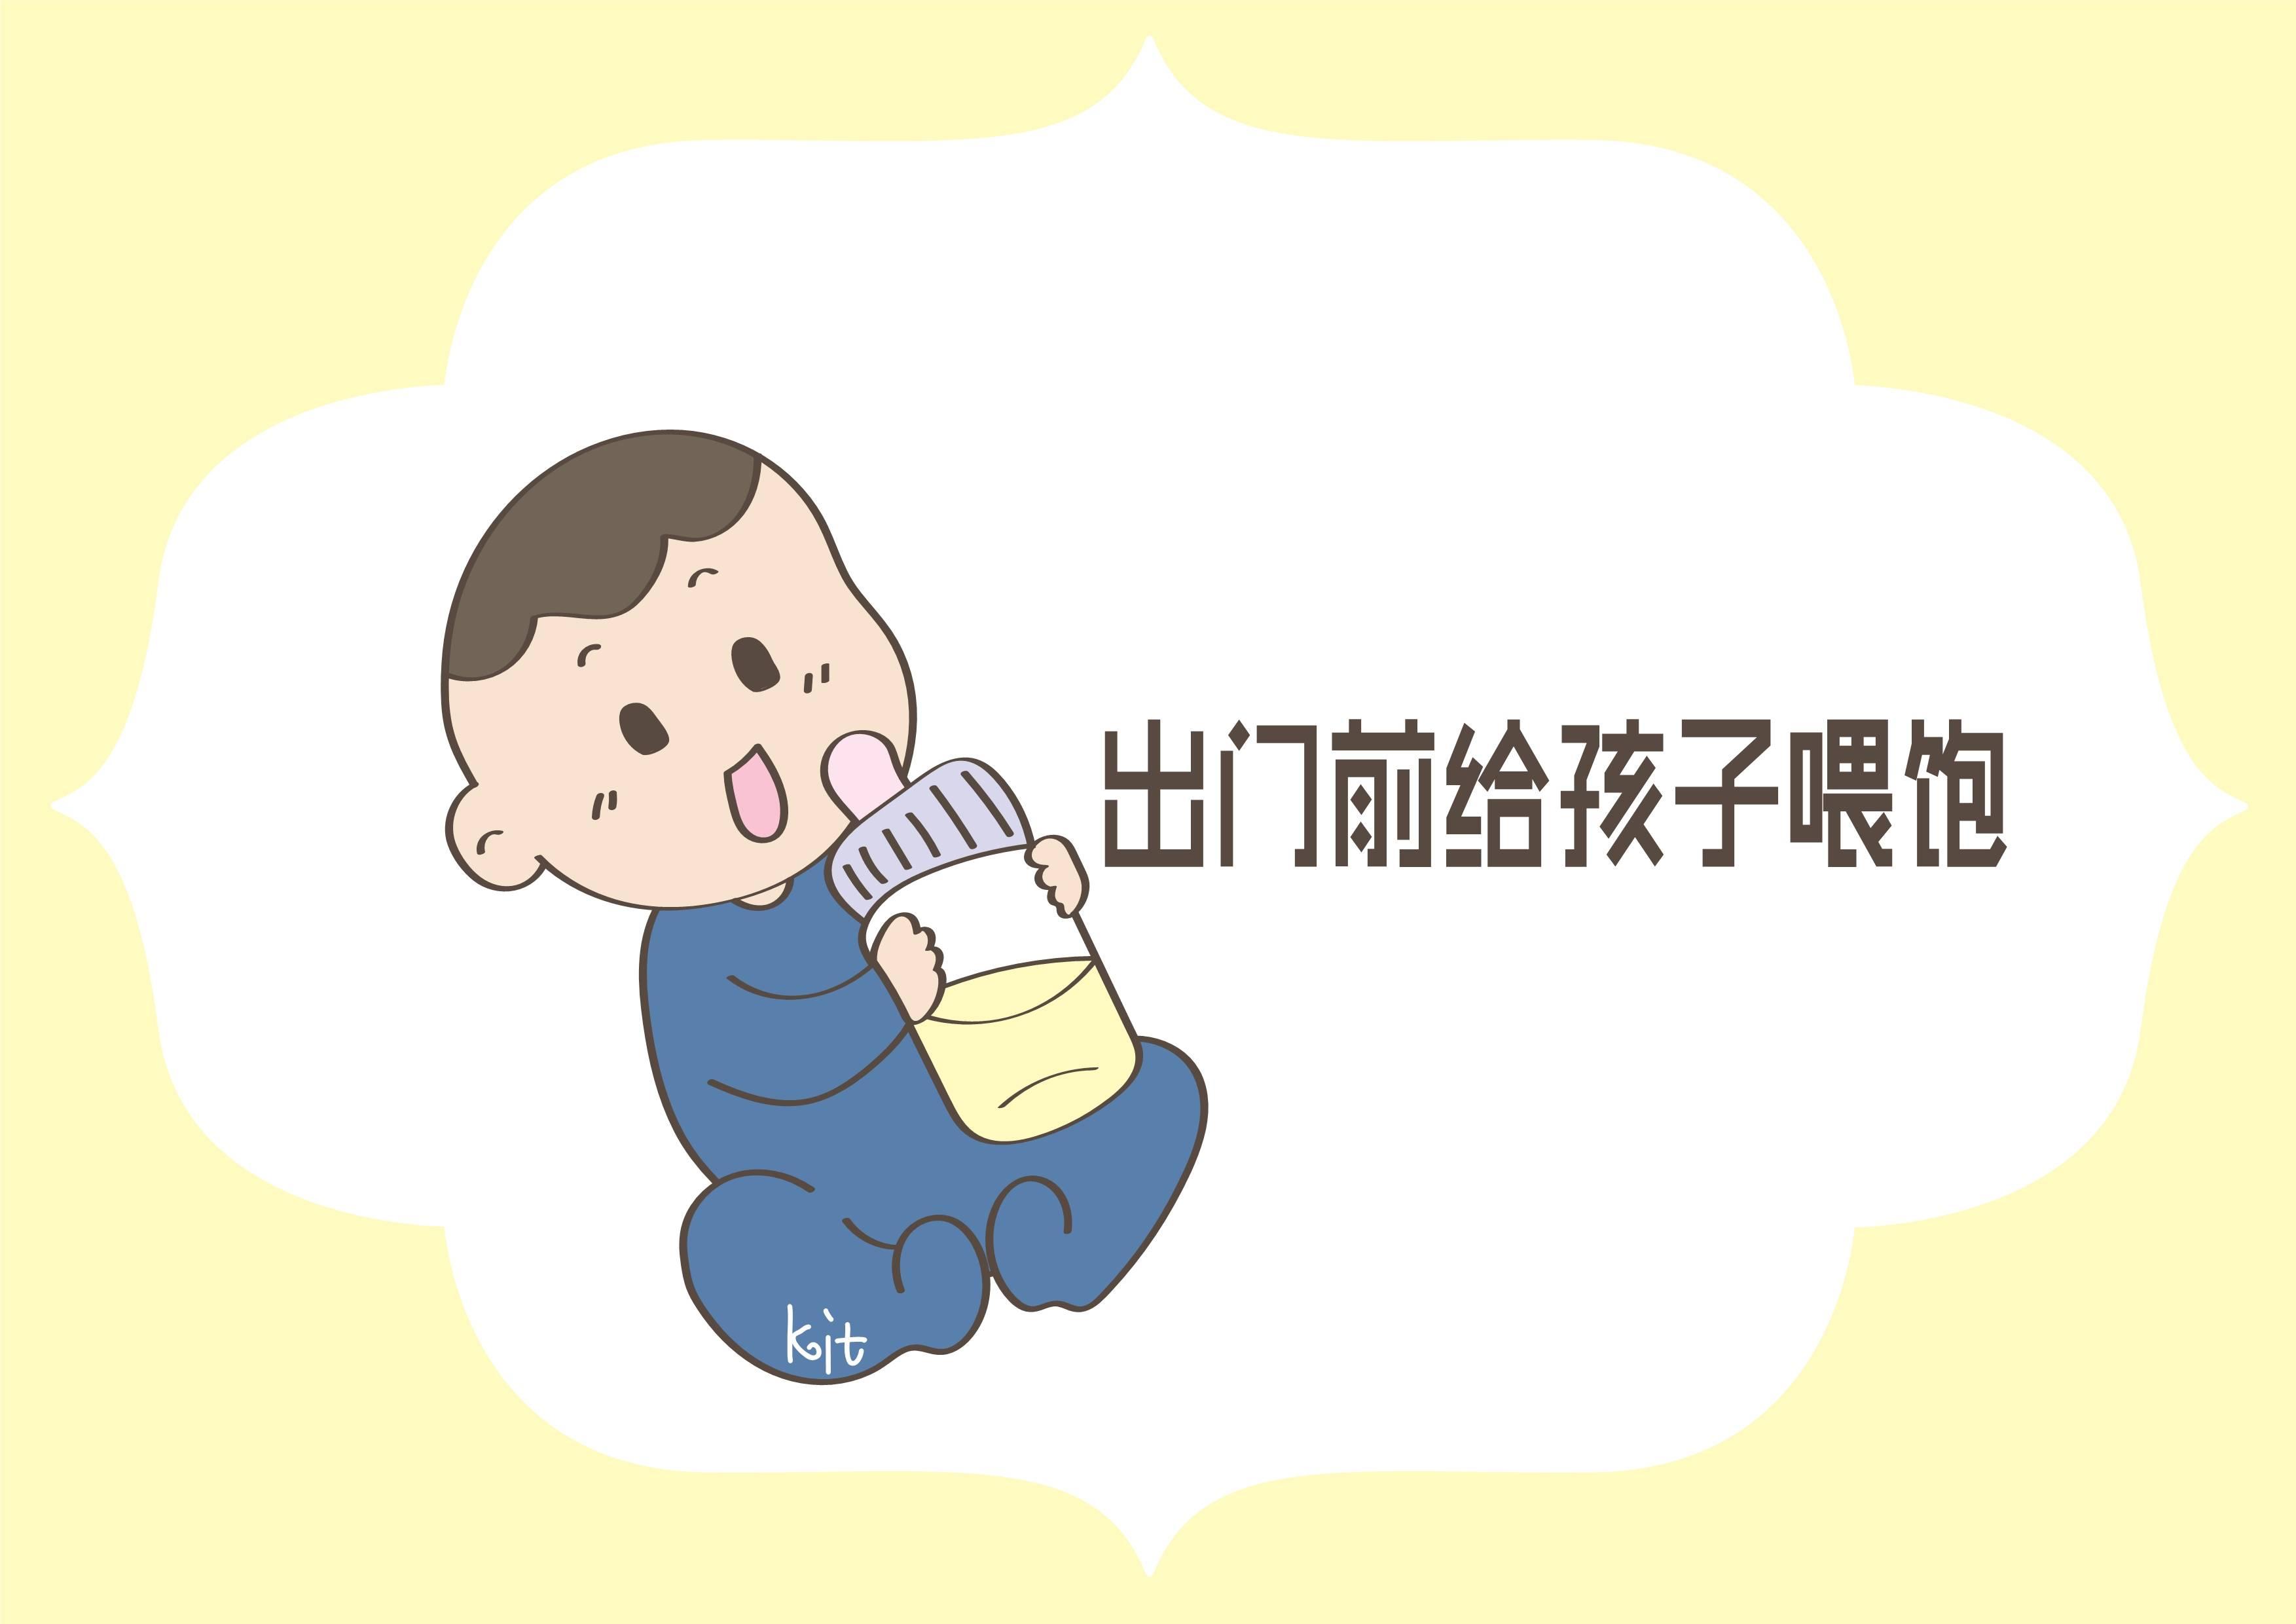 宝妈在公共场所哺乳,被路人批羞耻,网友:为母不易!